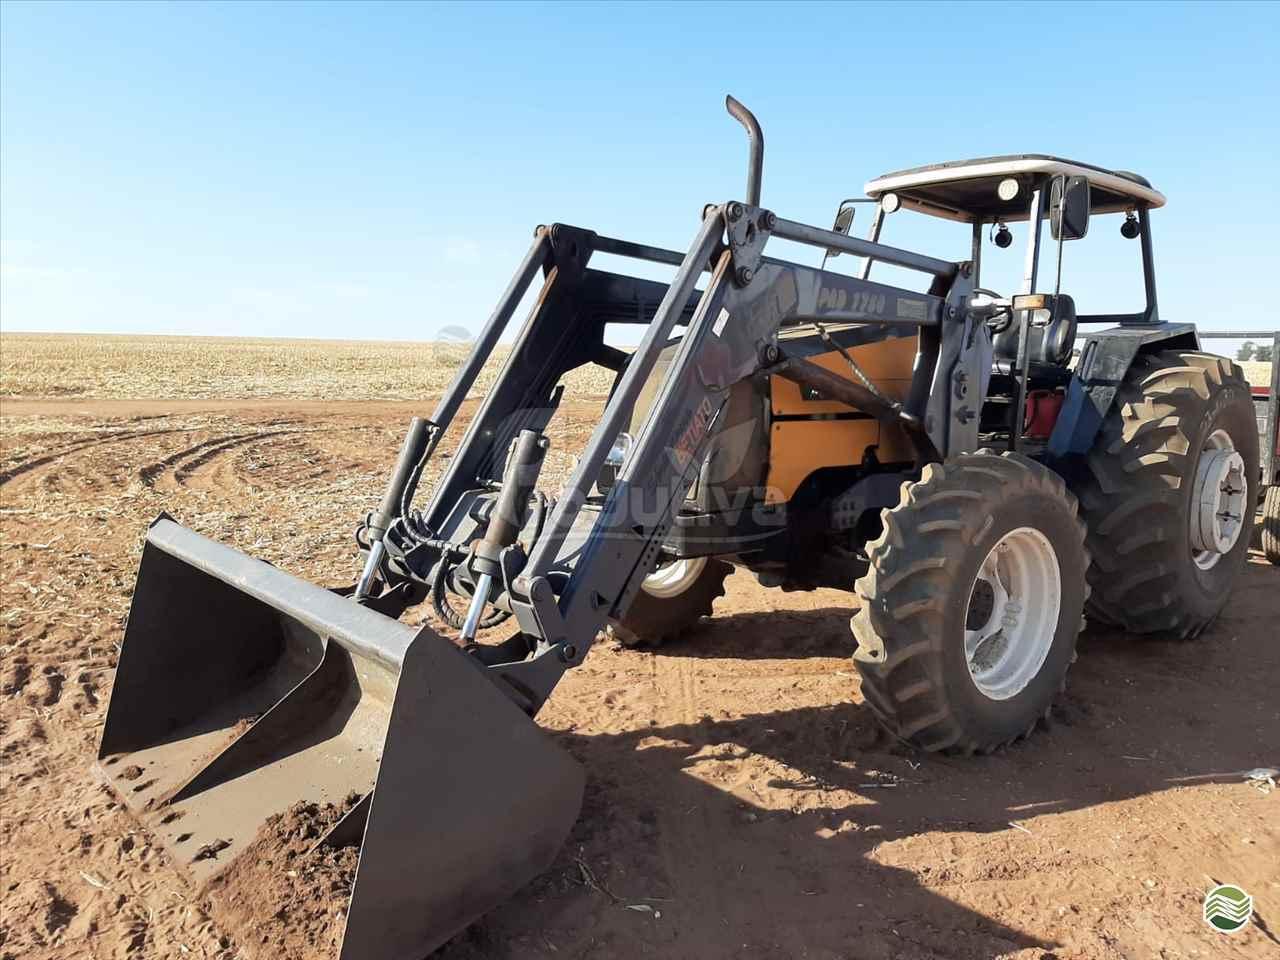 TRATOR VALTRA VALTRA BM 110 Tração 4x4 Produtiva Máquinas CAMPO VERDE MATO GROSSO MT